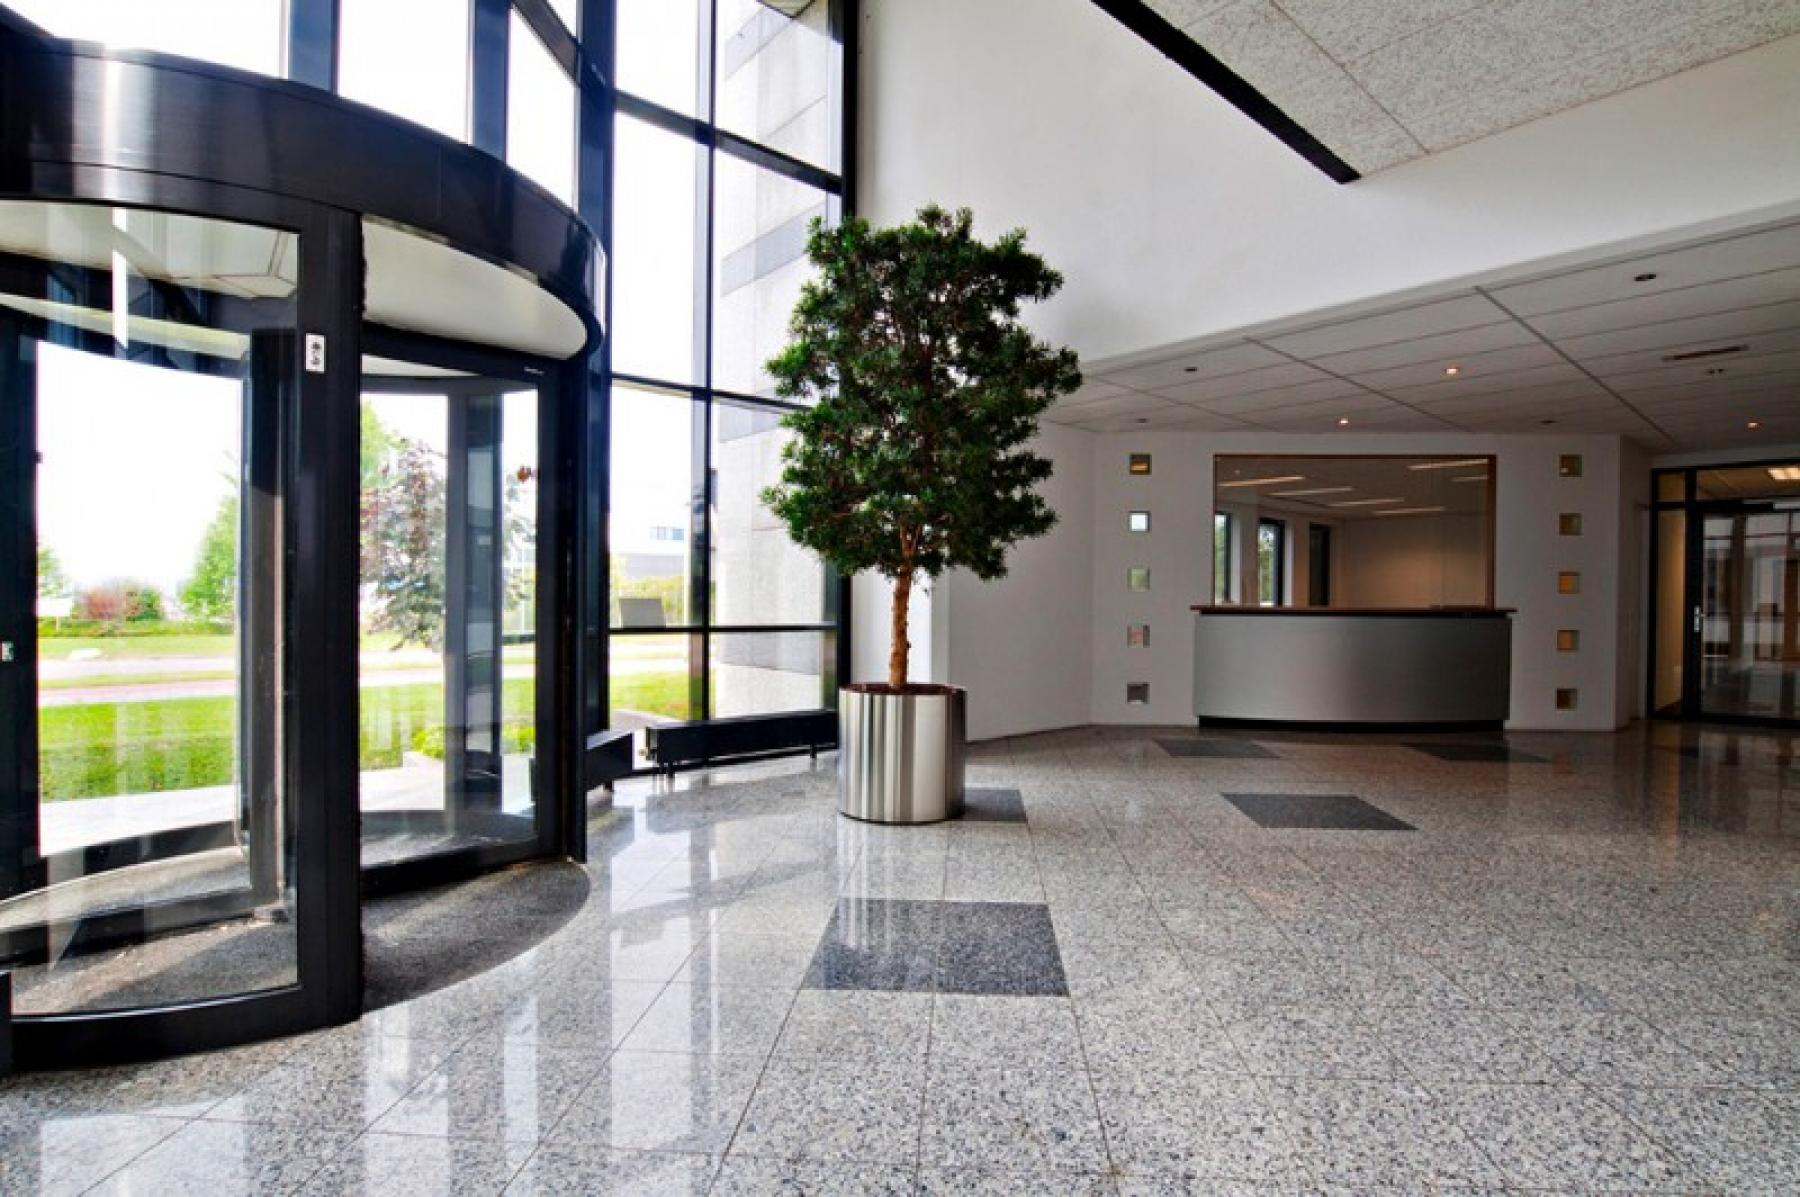 entree met uitstraling en planten aanwezig, fijne binnenkomst in dit representatieve kantoorgebouw in Almere